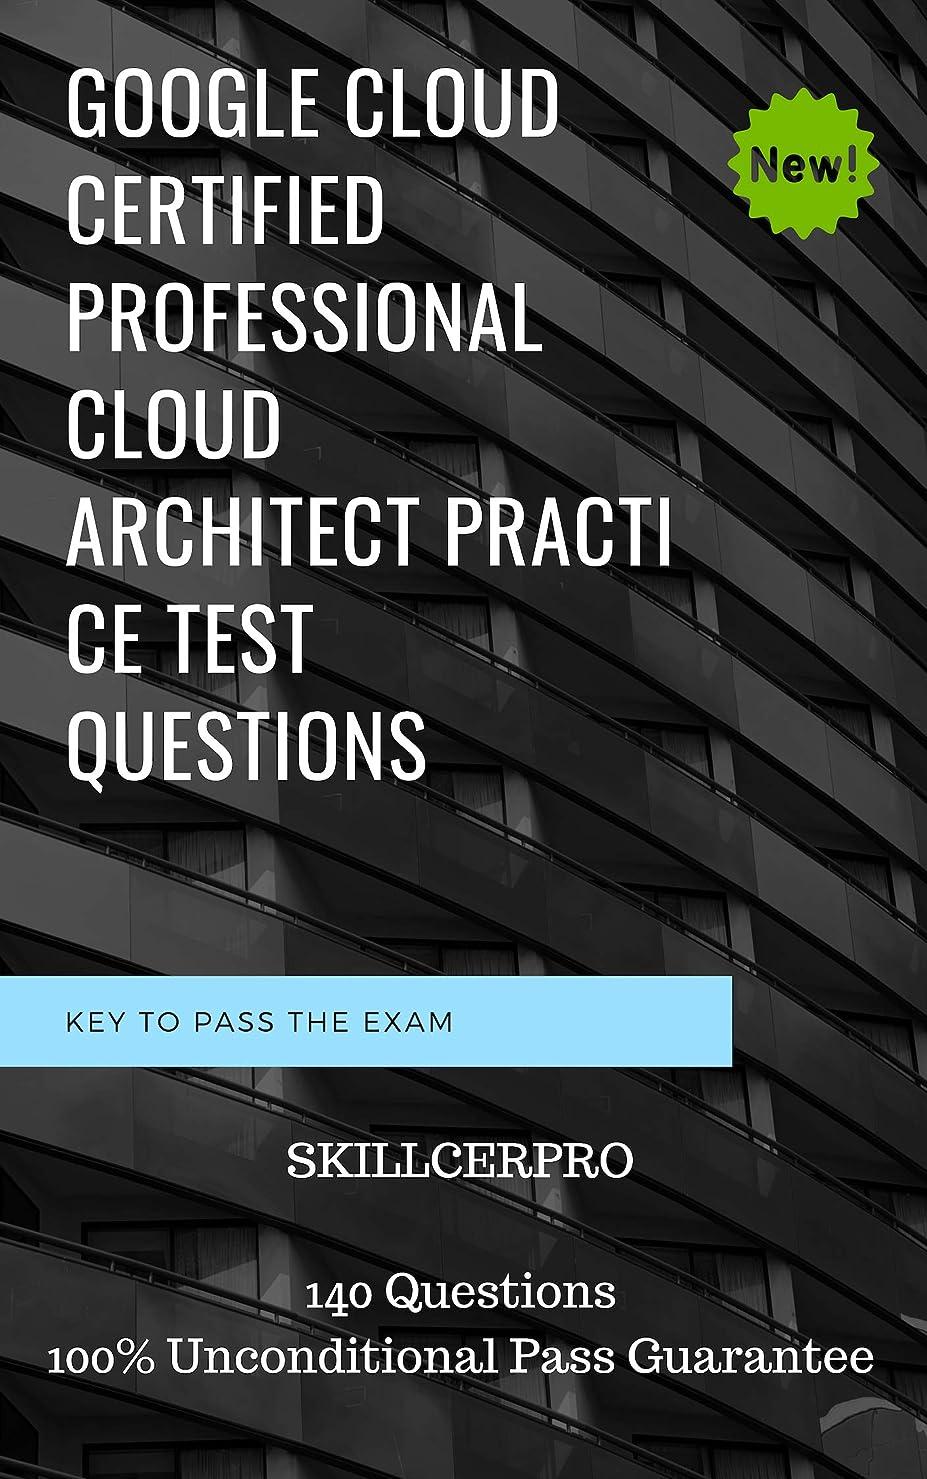 タクトスツール抜粋Google Cloud Certified Professional Cloud Architect Dumps: Google Cloud Certified Professional Cloud Architect practice exam test Questions (English Edition)